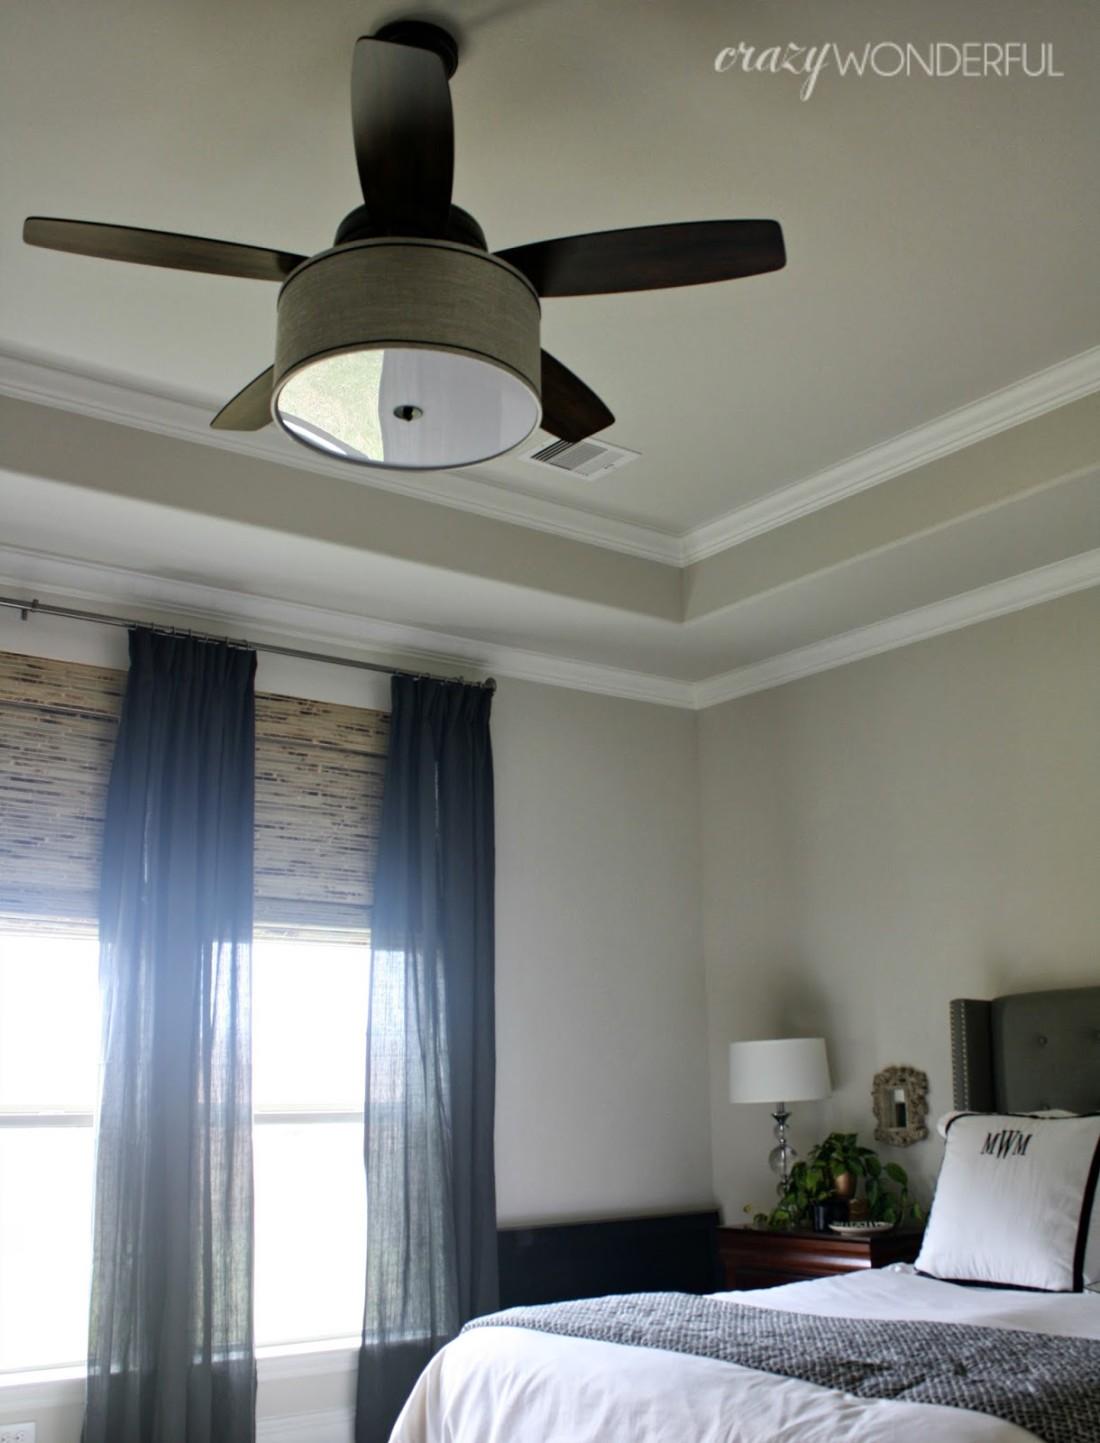 Diy Ceiling Fan : Diy drum shade ceiling fan crazy wonderful